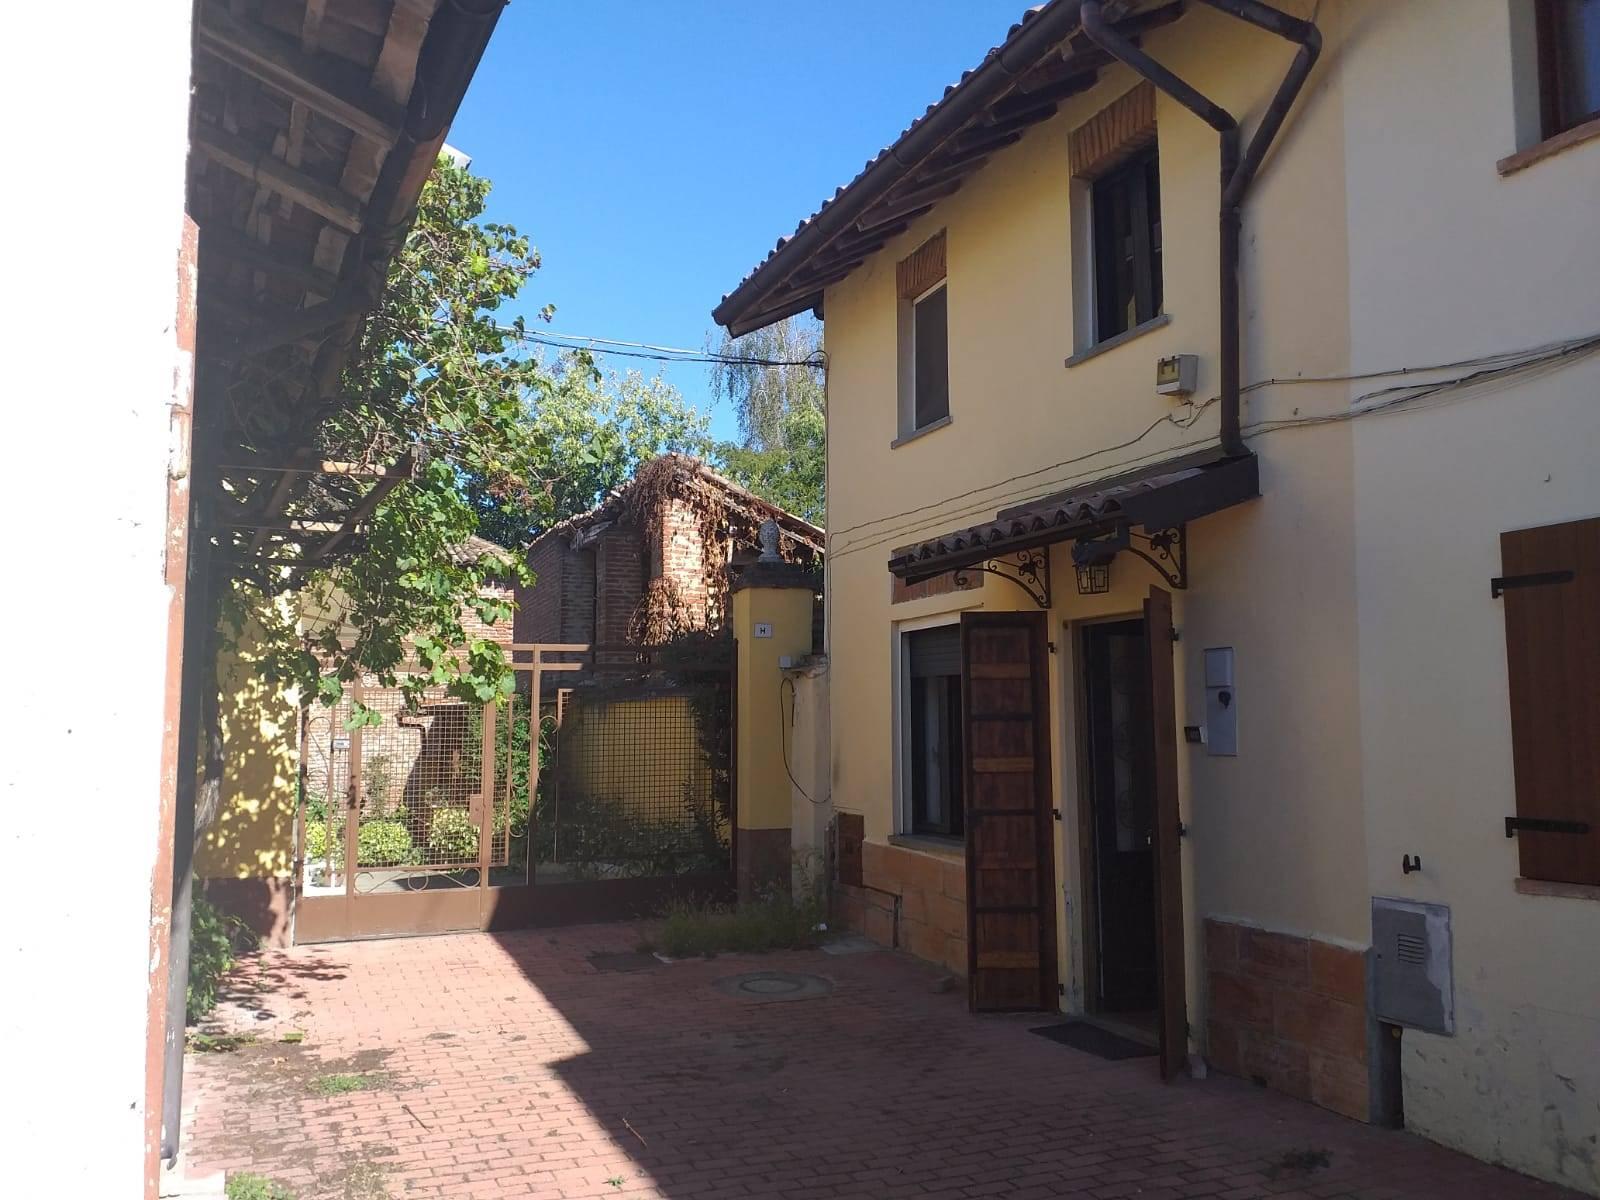 Soluzione Semindipendente in vendita a Tromello, 2 locali, prezzo € 45.000 | PortaleAgenzieImmobiliari.it